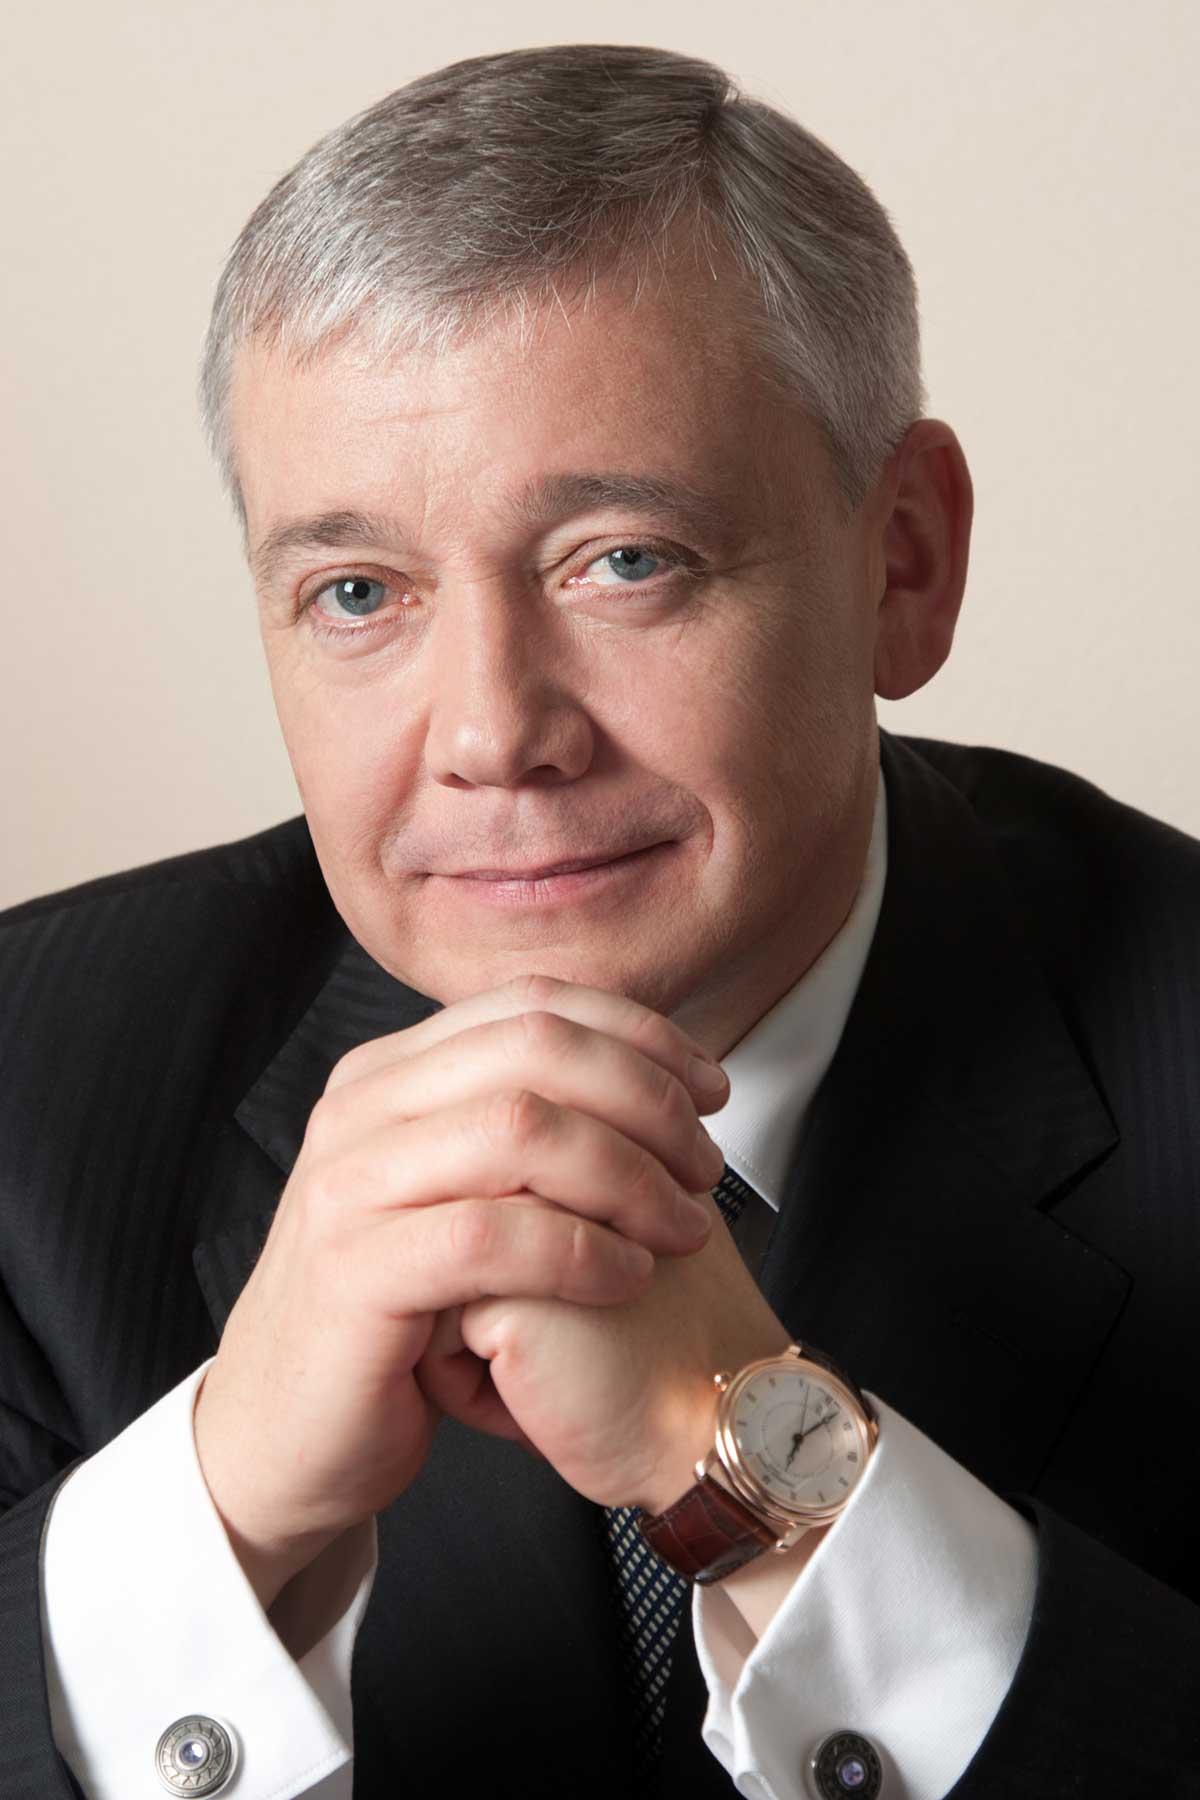 Сомнолог, кардиолог Юрий Несторович Погорецкий портрет